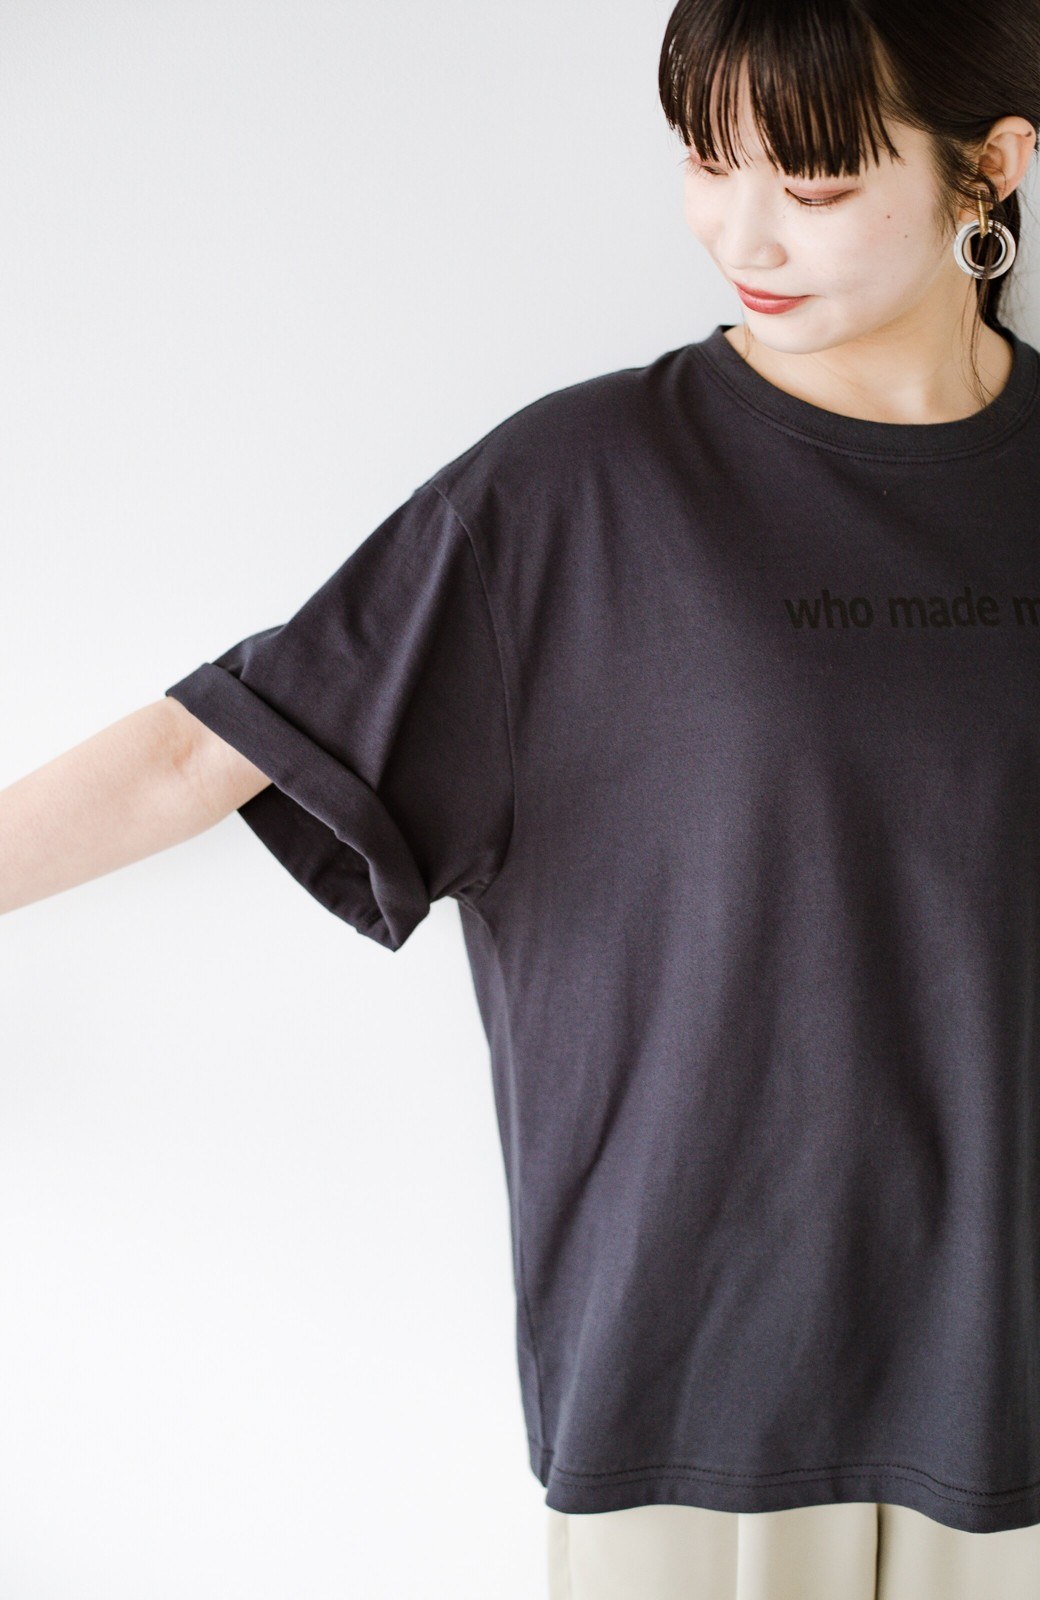 haco! あるかないかで大違い!大人の抜け感を醸し出すさりげなロゴTシャツ by who made me + PBP <チャコールグレー>の商品写真15